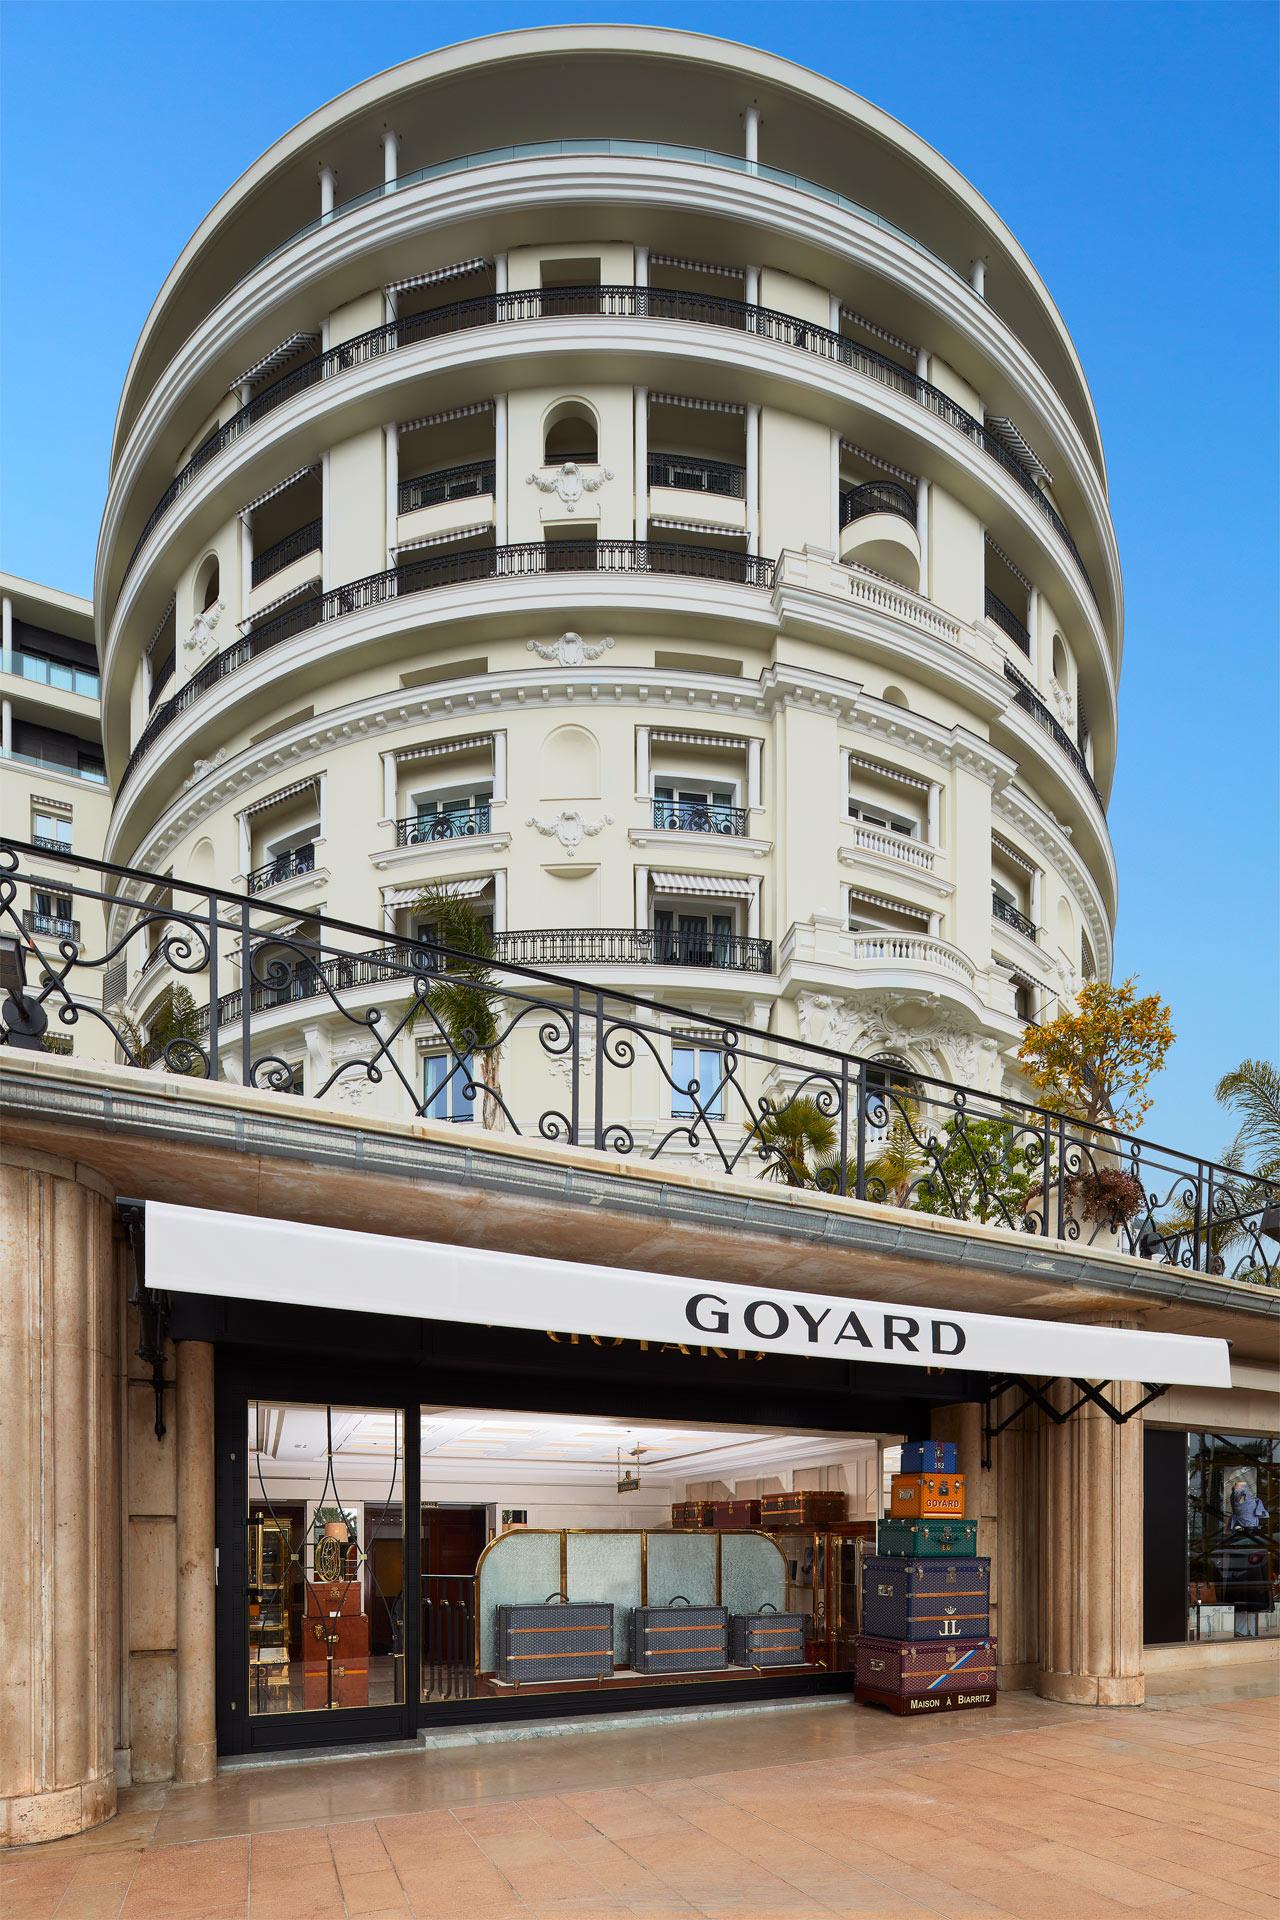 Boutique Goyard | Facade |Monte-Carlo, Monaco